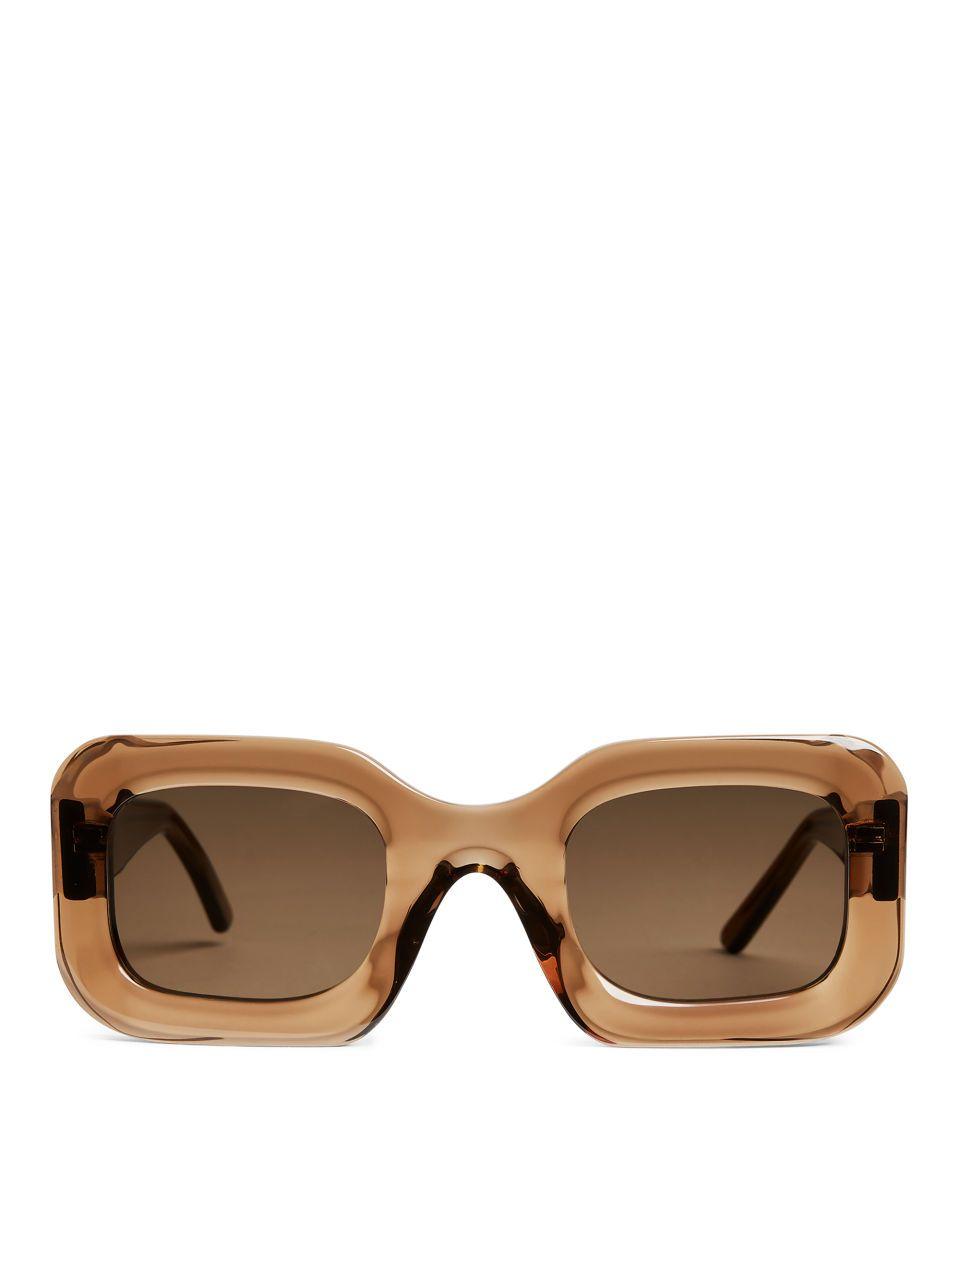 04e441d9c724 Ace   Tate Donna Sunglasses in 2019